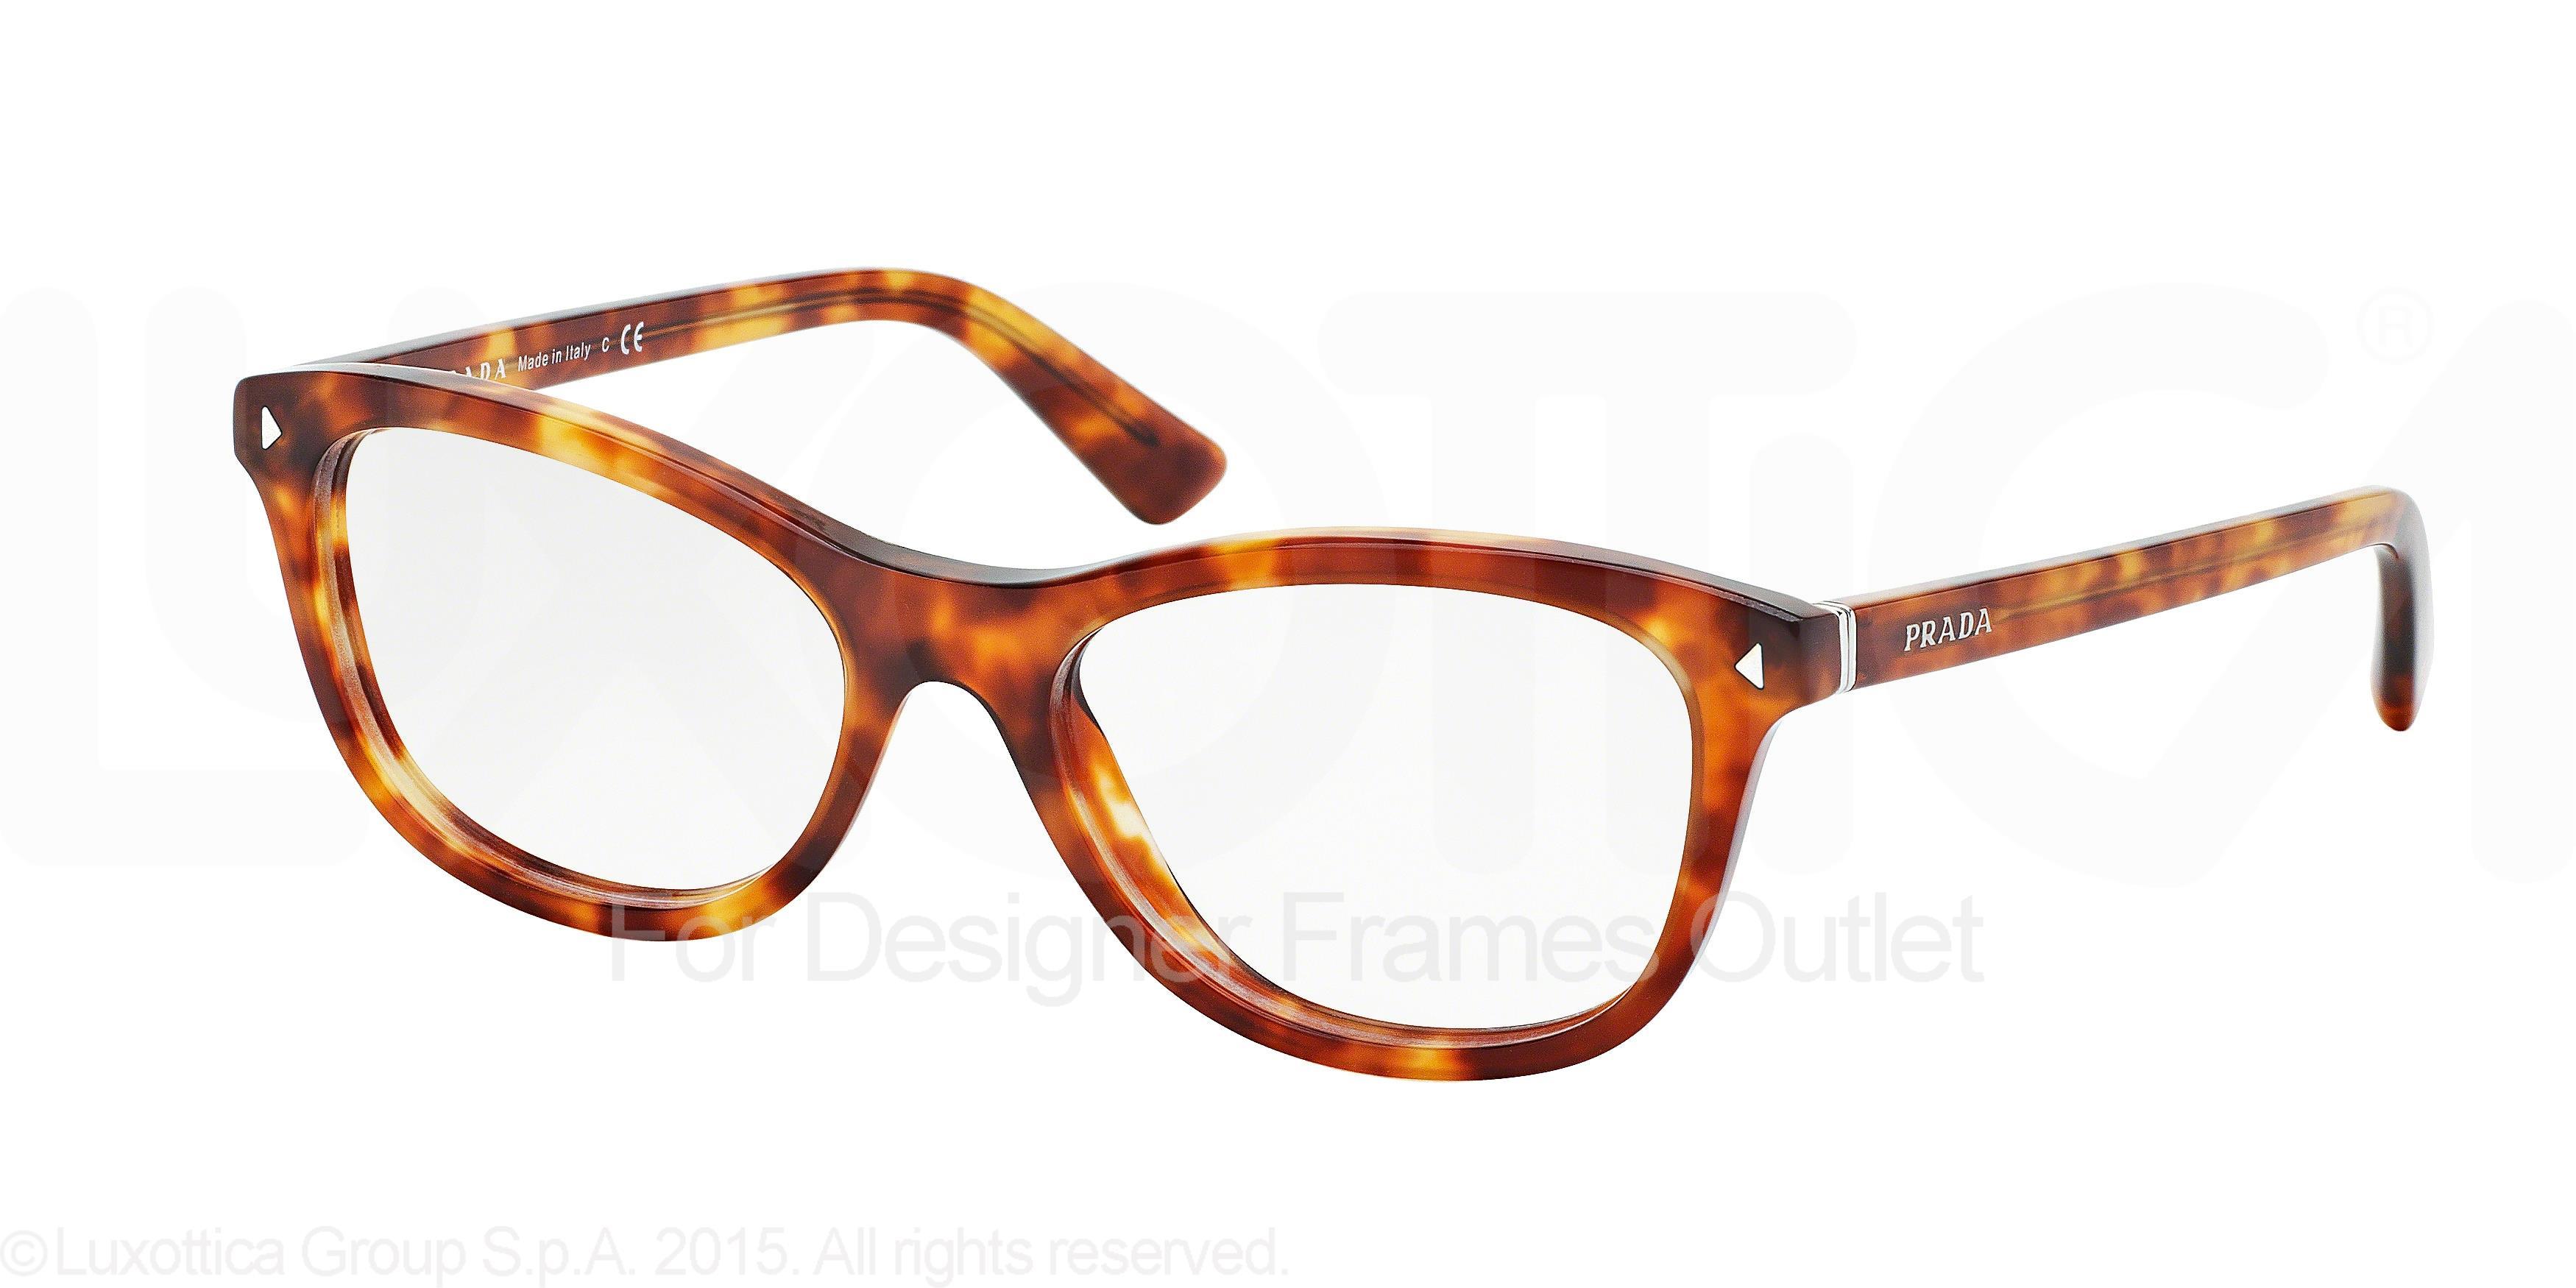 eb231a3a26f1 Prada Eyeglass Frames Warranty